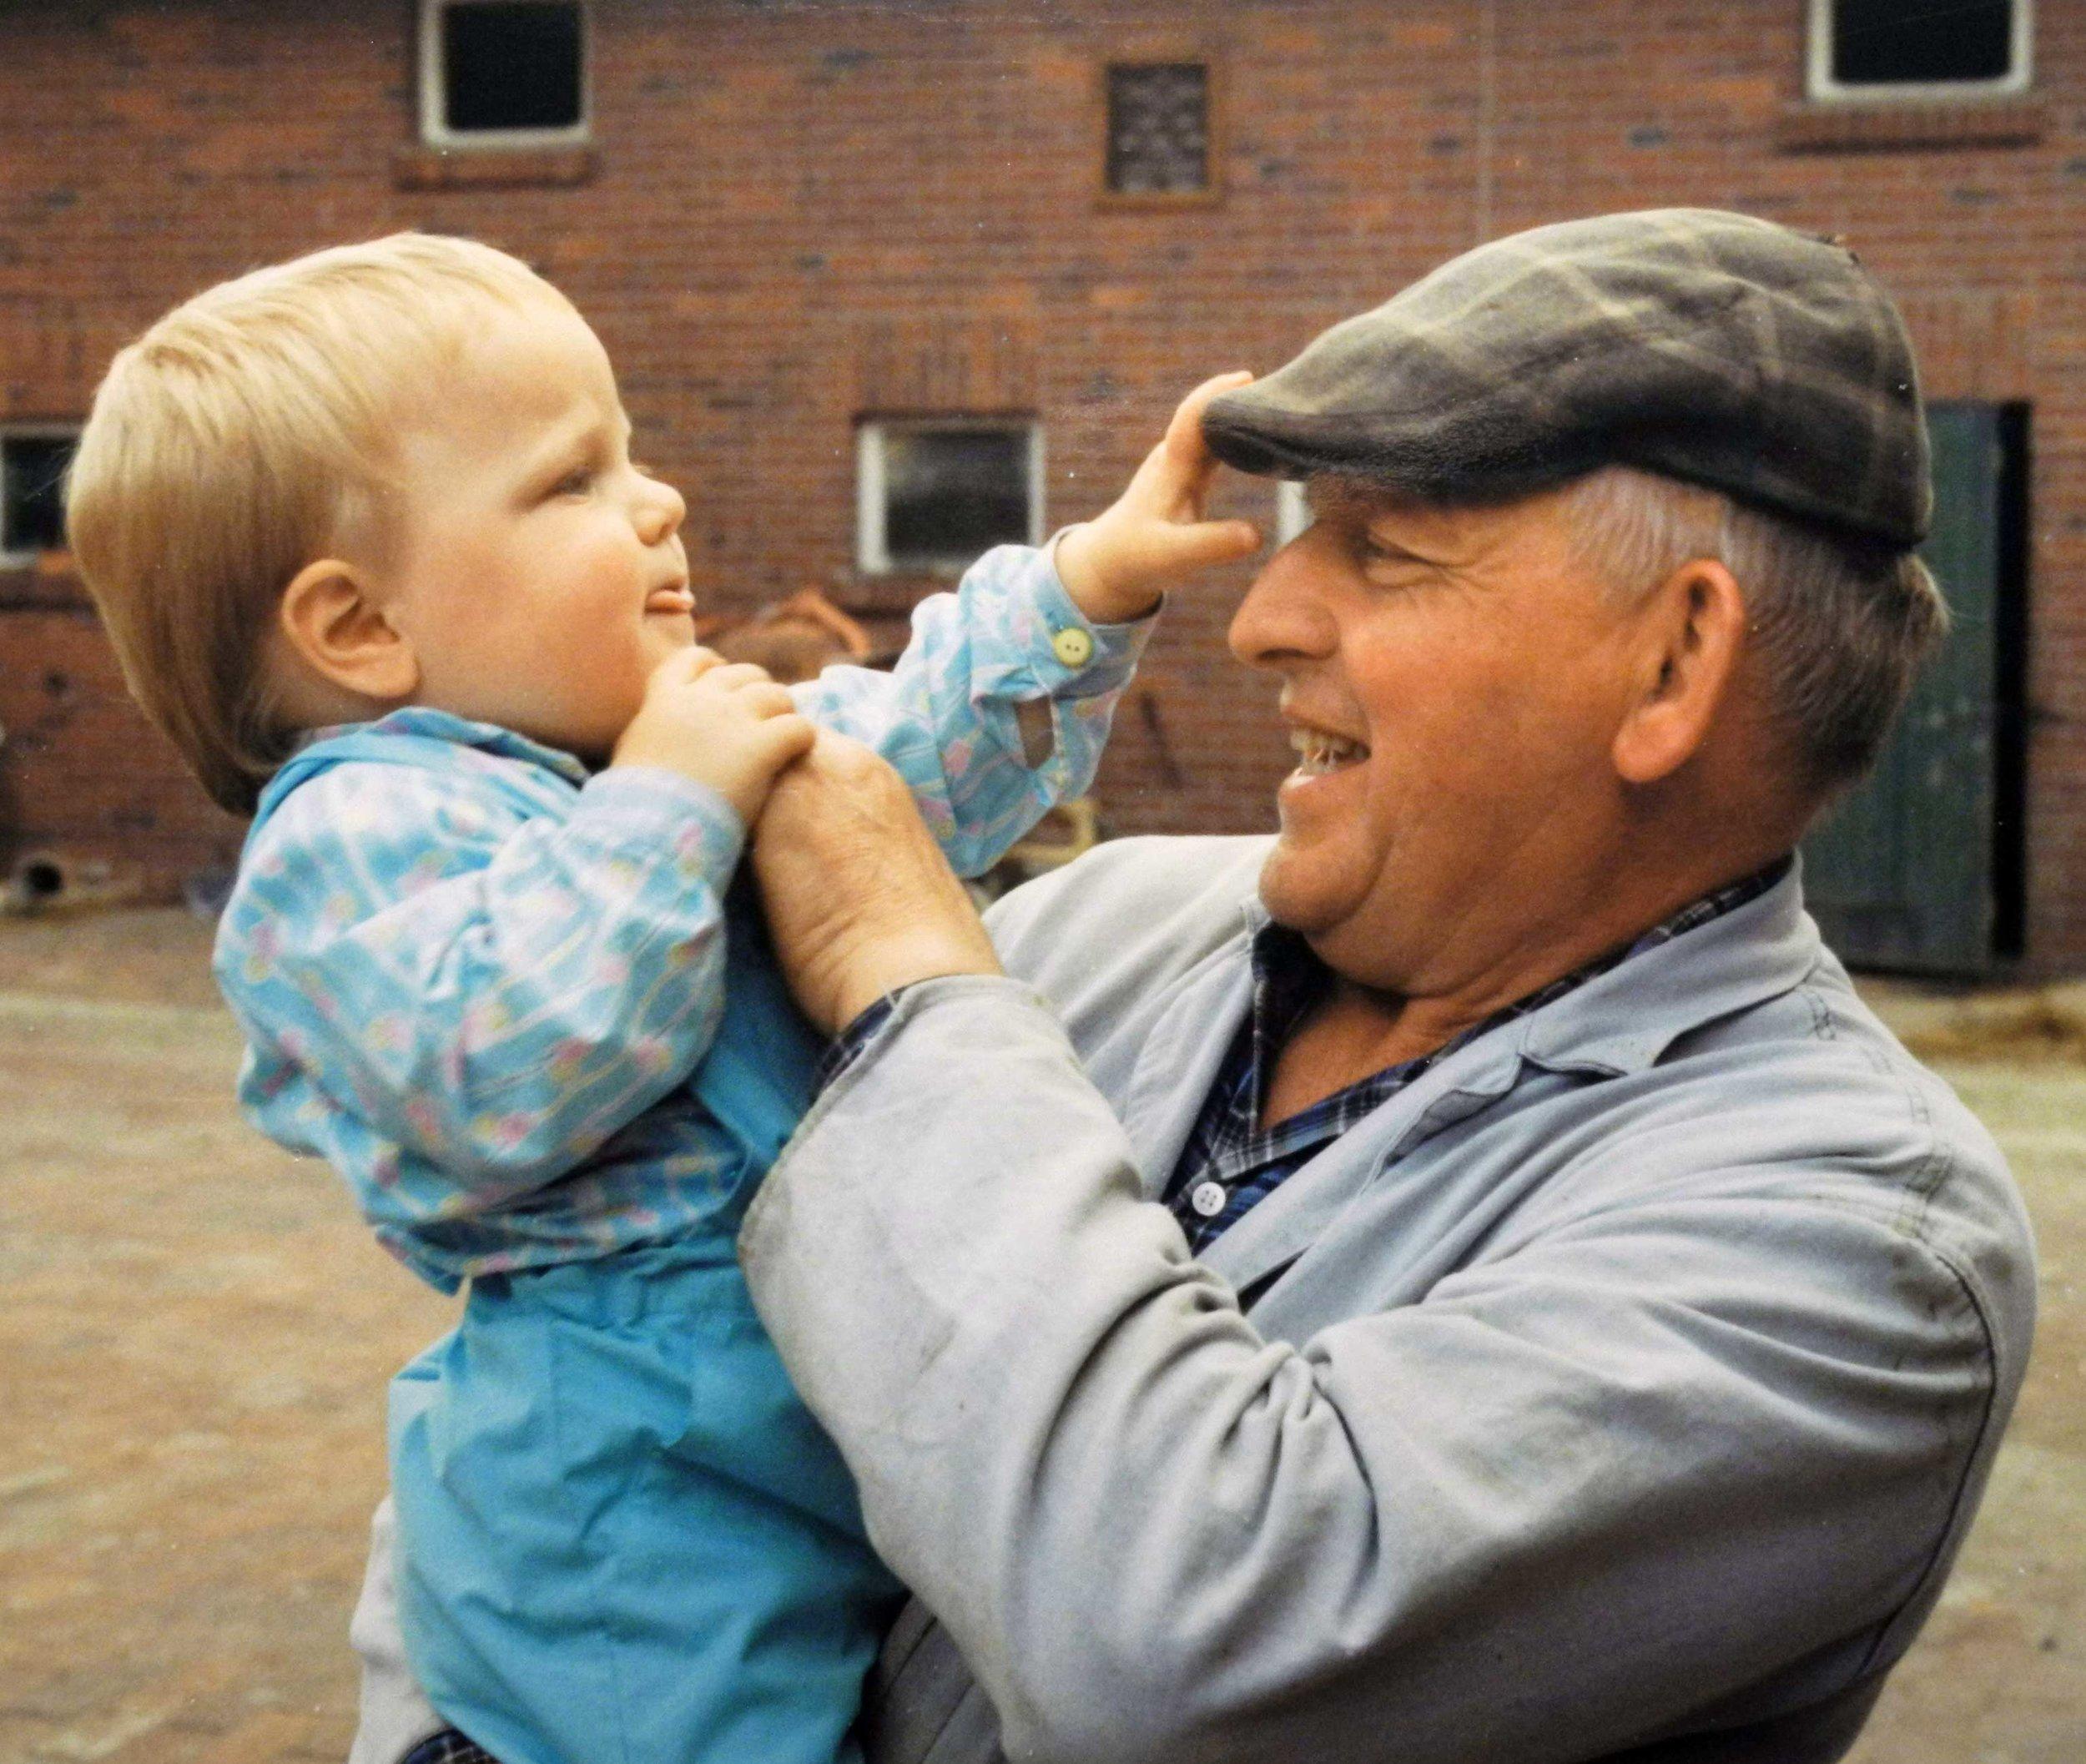 Lernen von älteren Generationen - das gilt nicht nur für die plattdeutsche Sprache.Foto: Georg Geers